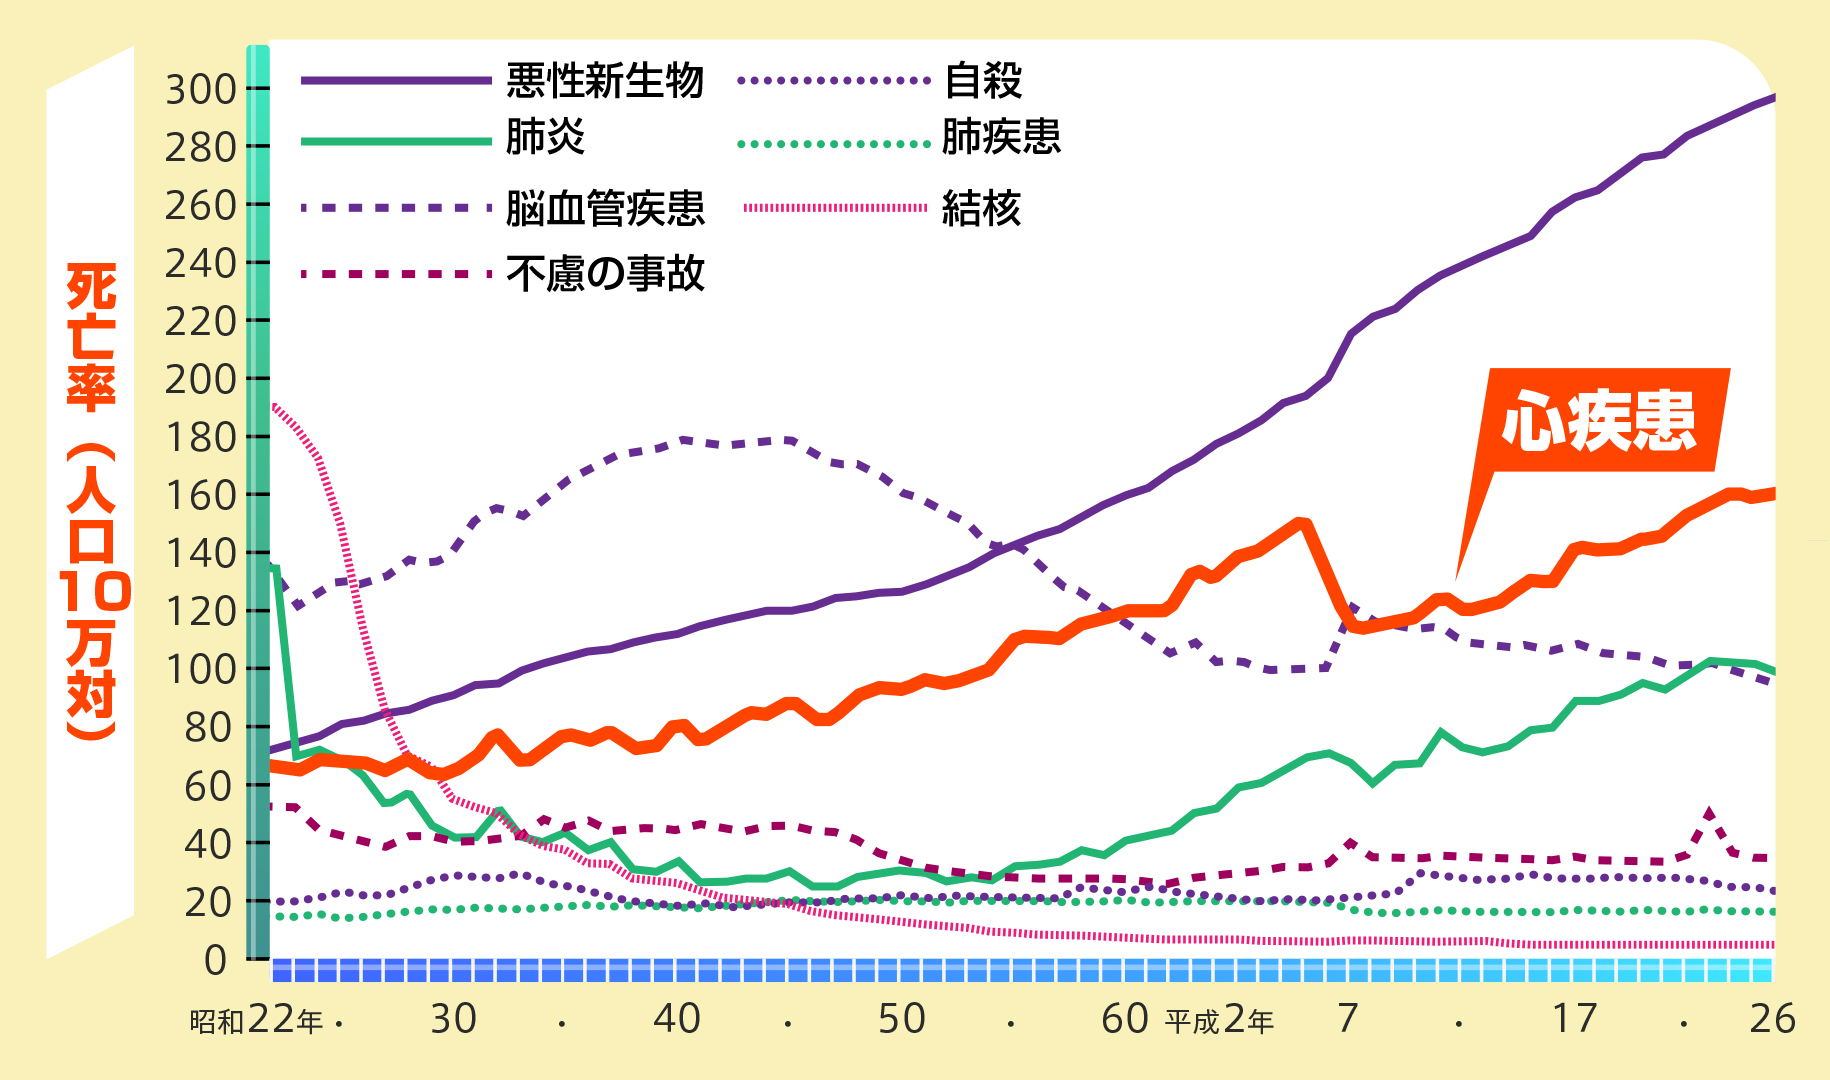 zu1-1%e3%81%ae%e3%82%b3%e3%83%92%e3%82%9a%e3%83%bc